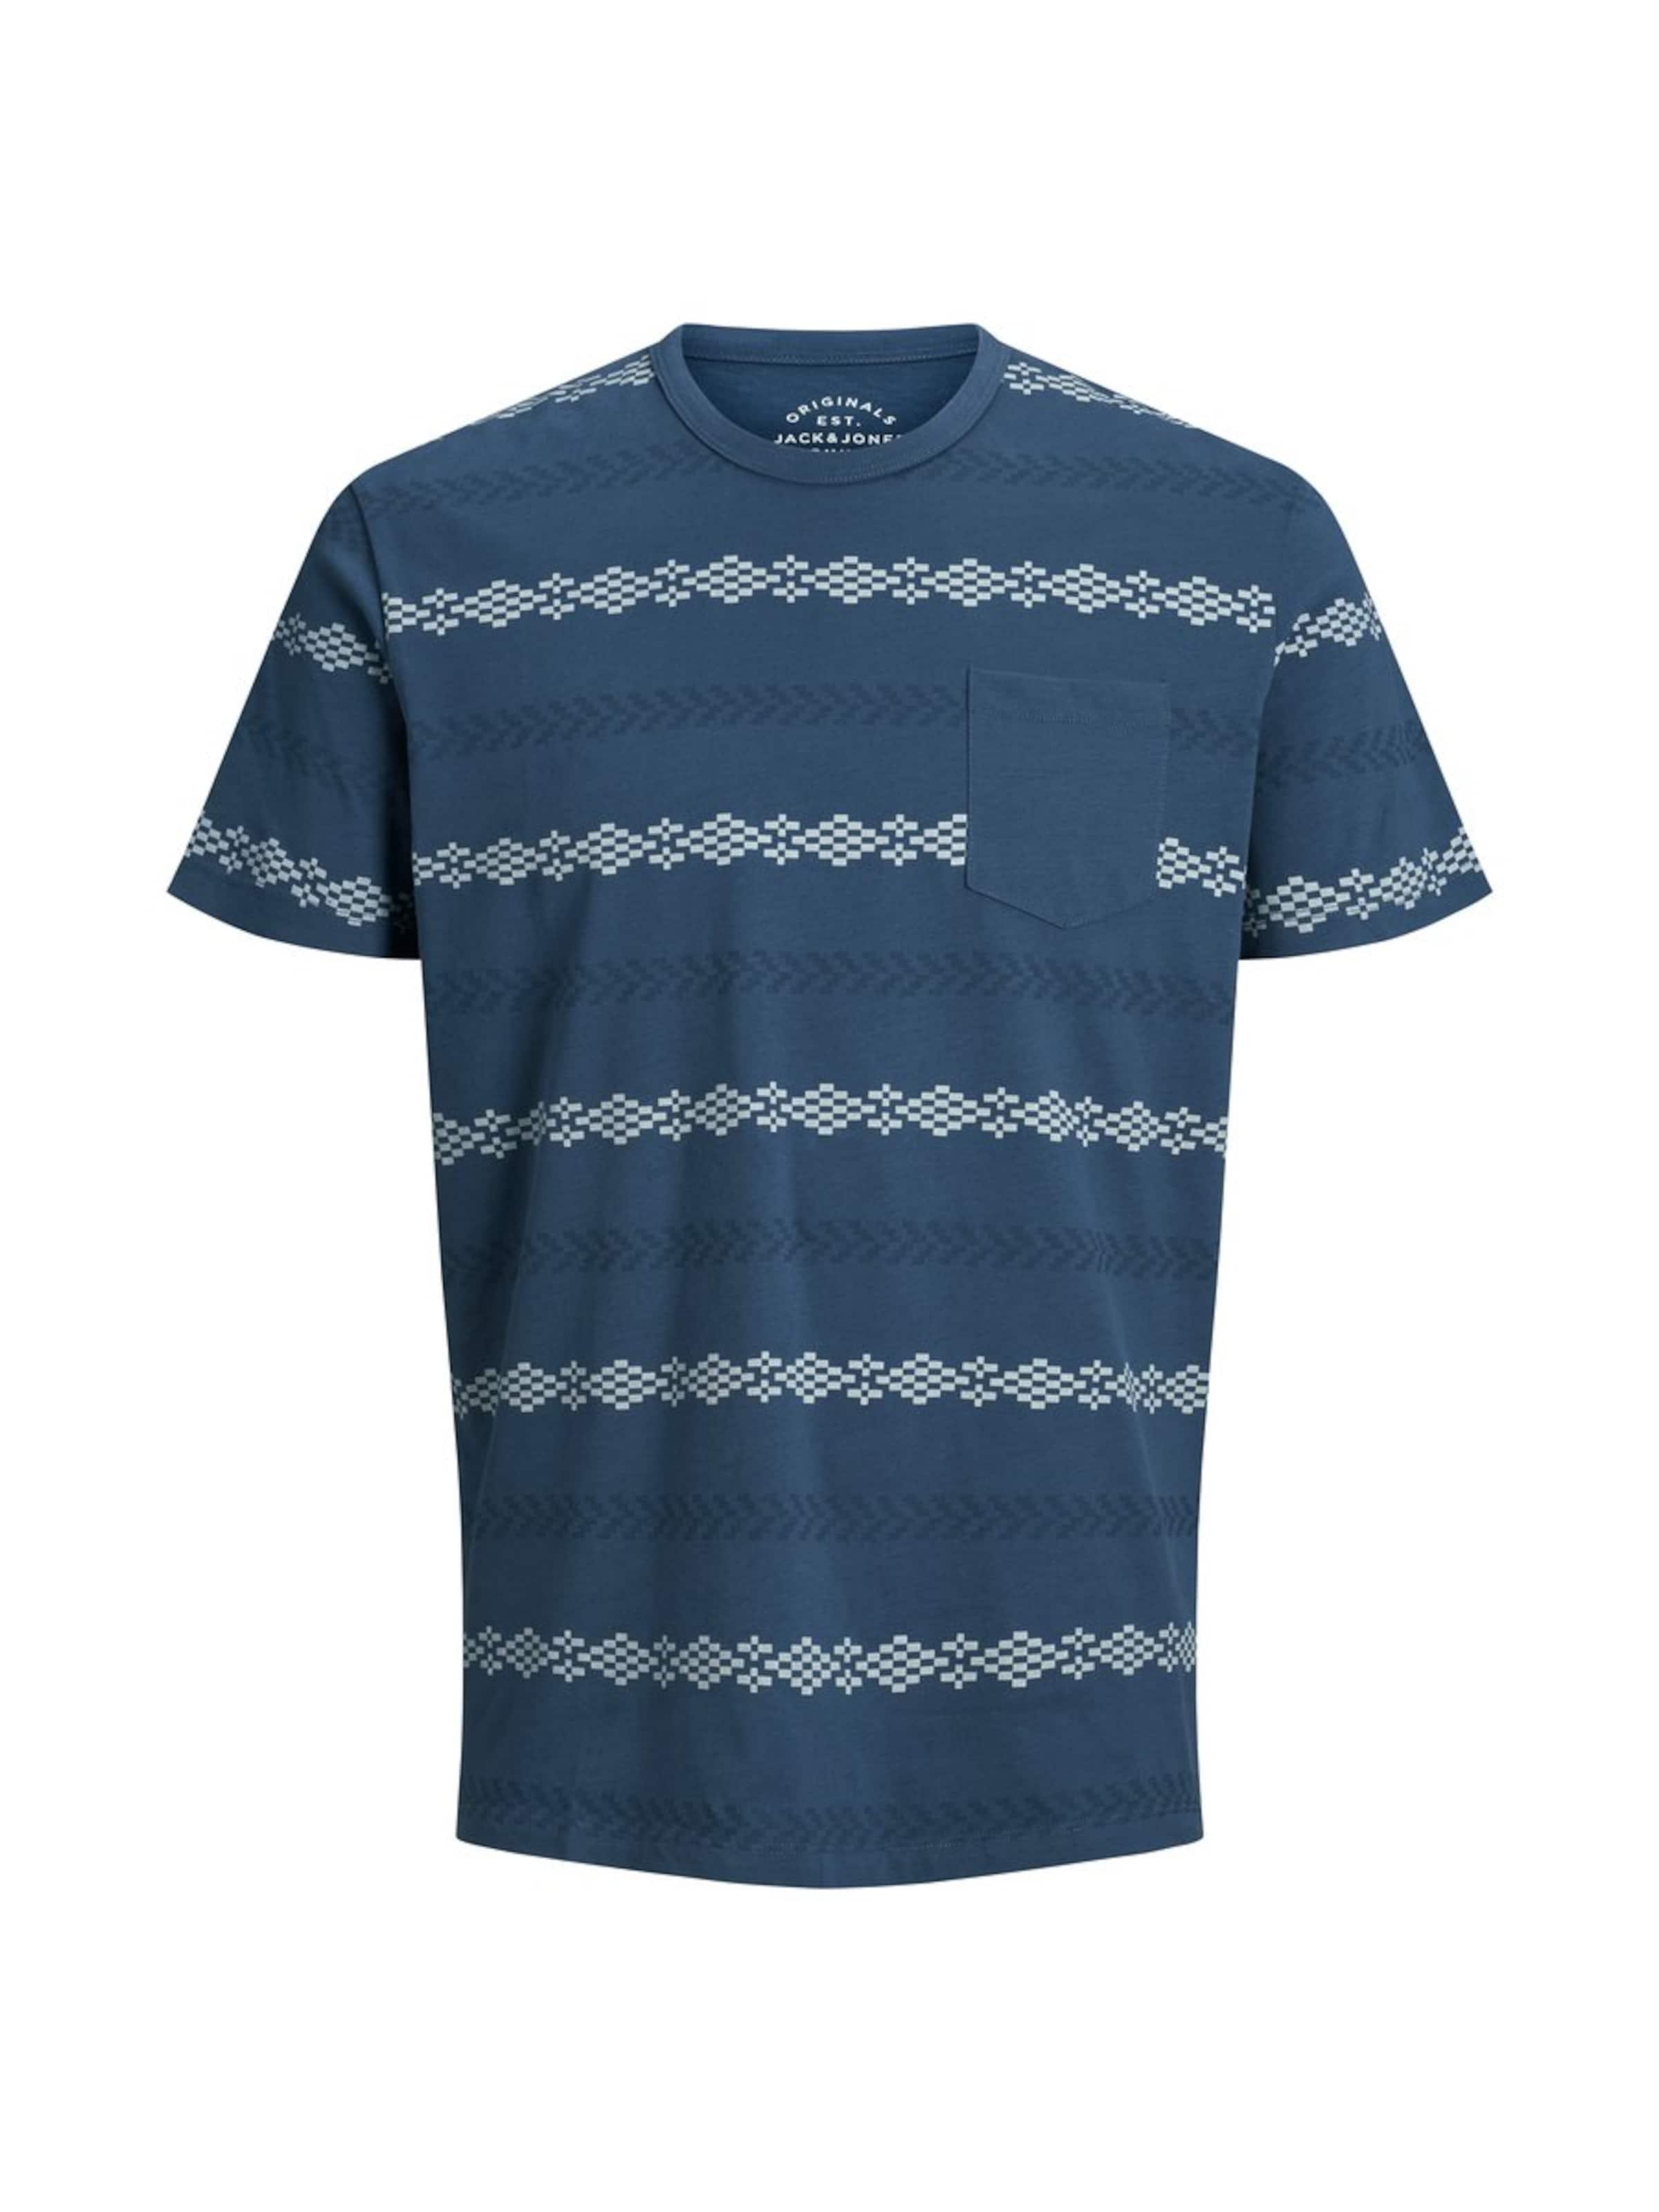 Jackamp; shirt En Jones T CrèmeBleu Ciel Pkn0wO